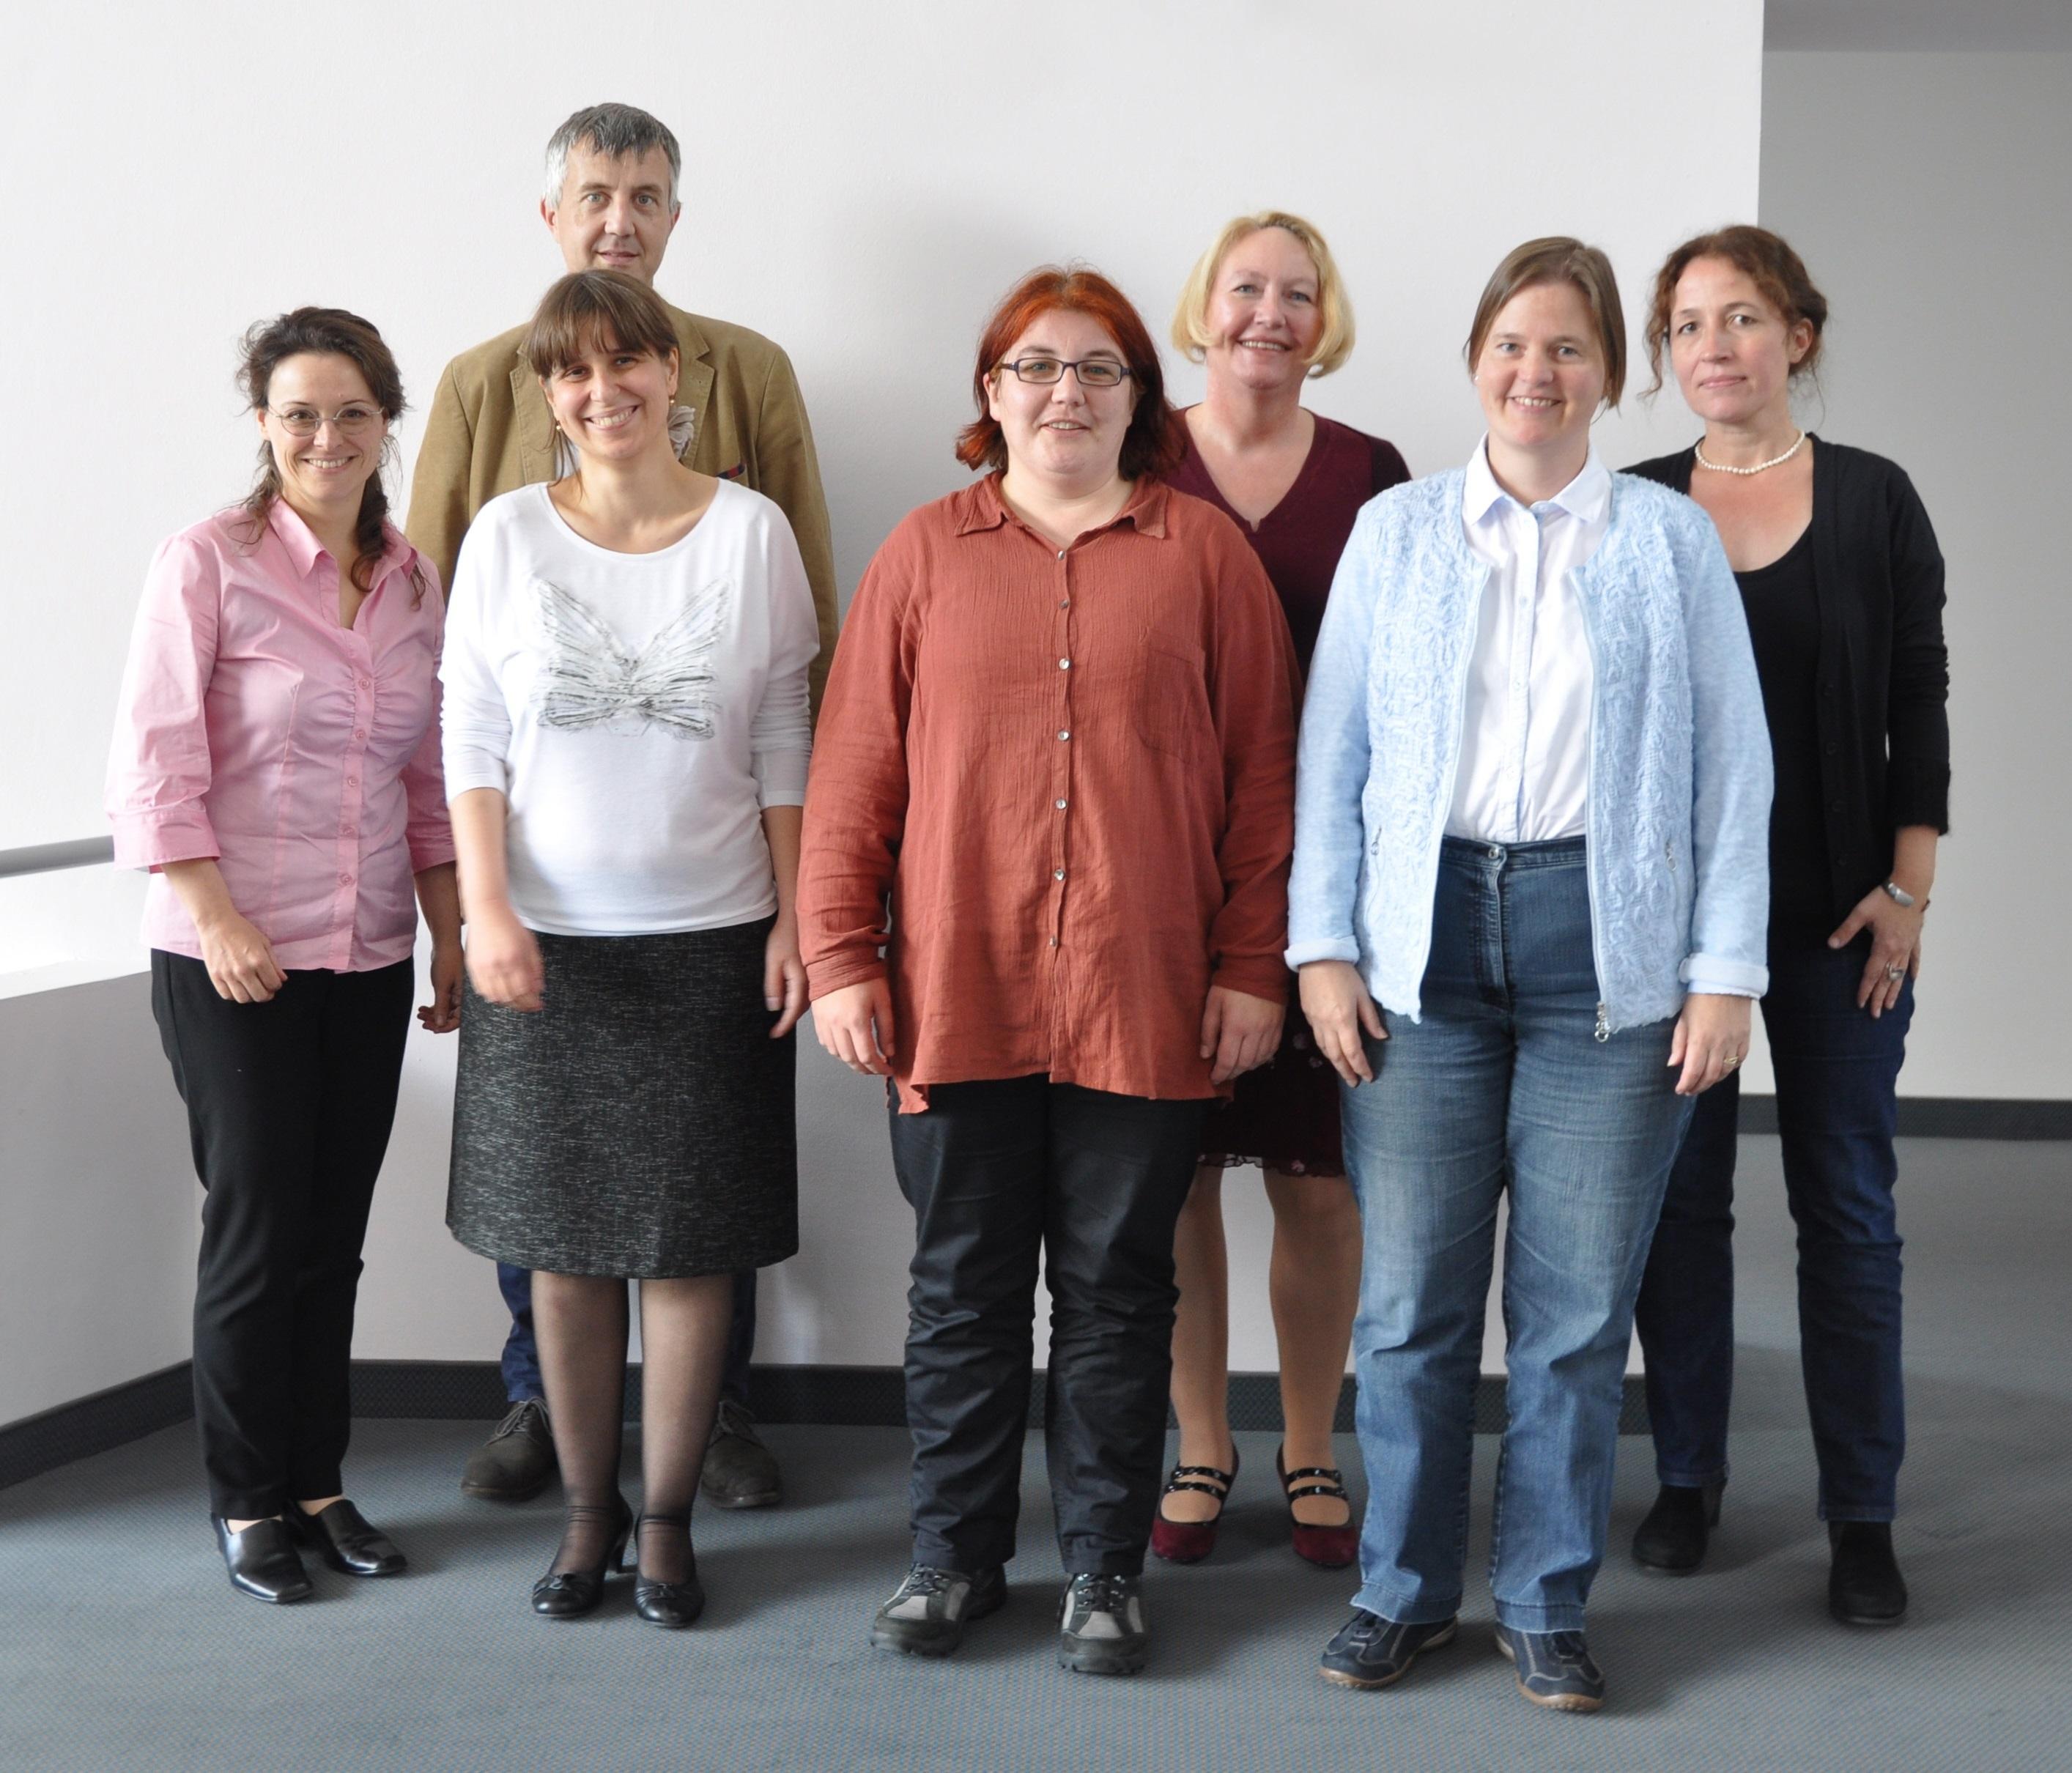 Mitglieder der Verbandsleitung des VkwB